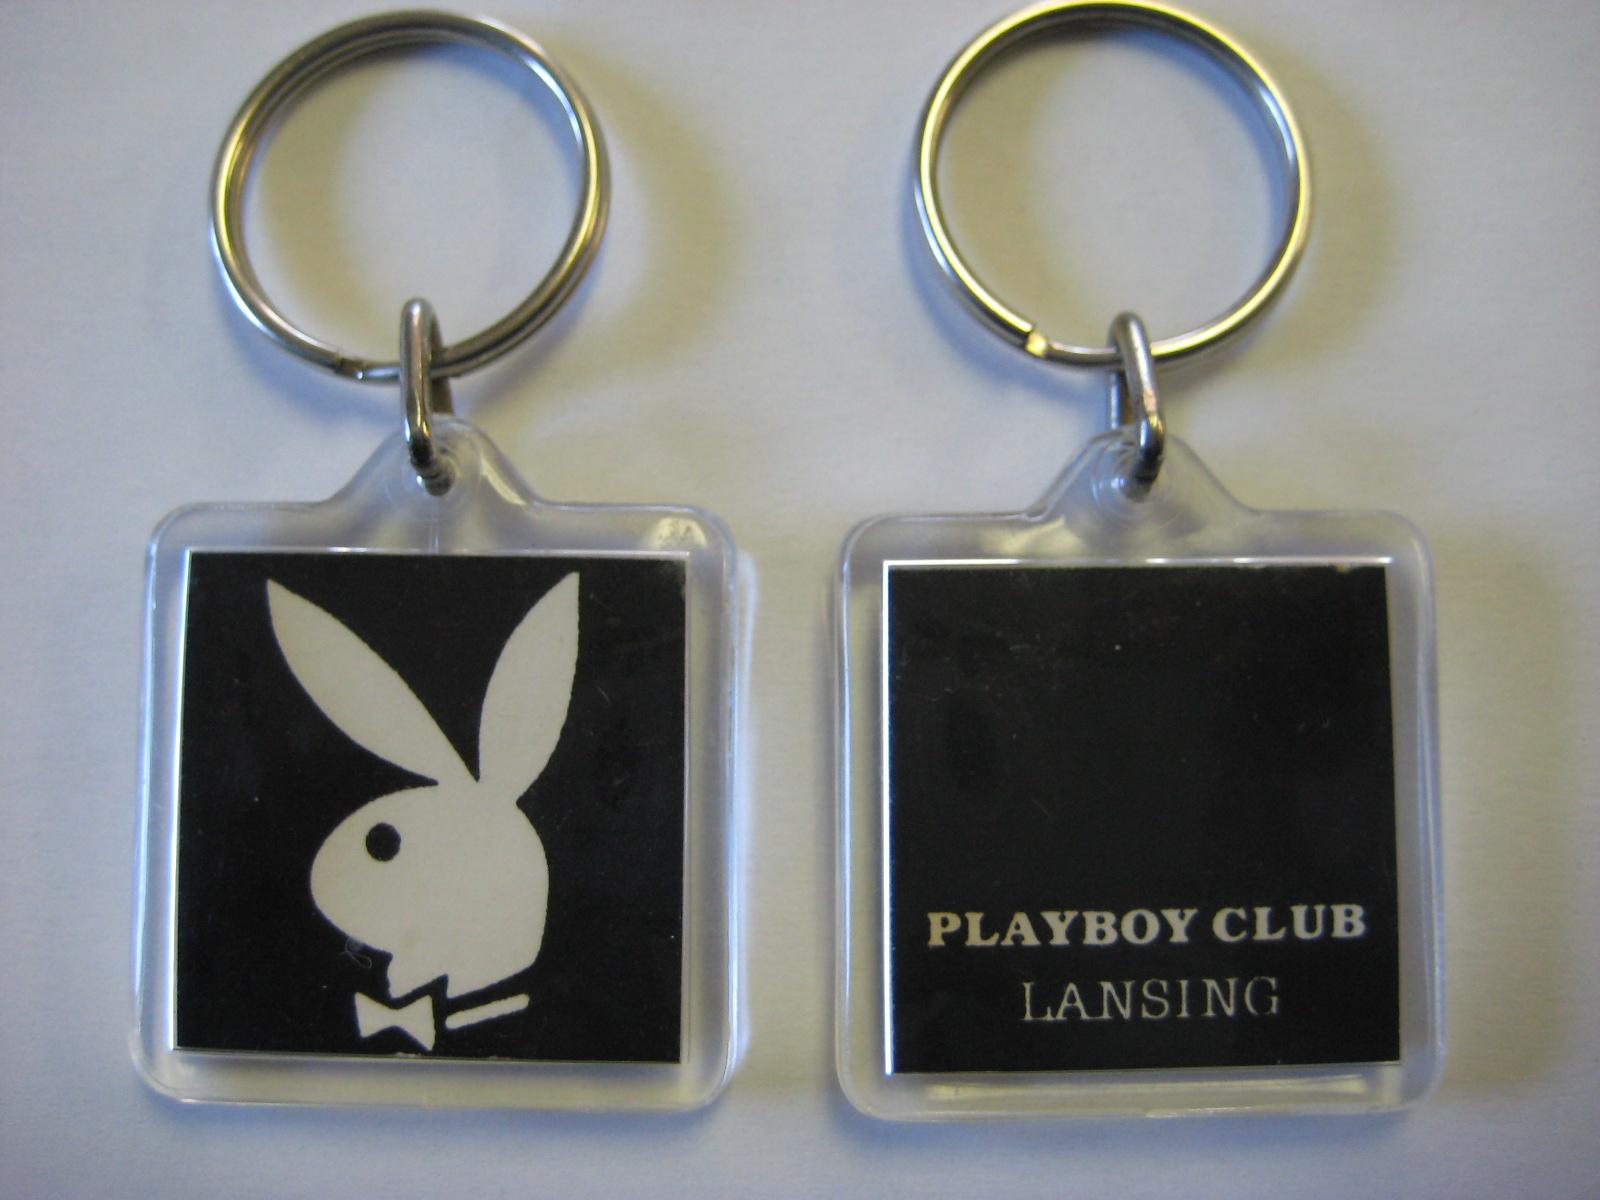 Playboy Club Lansing Michigan